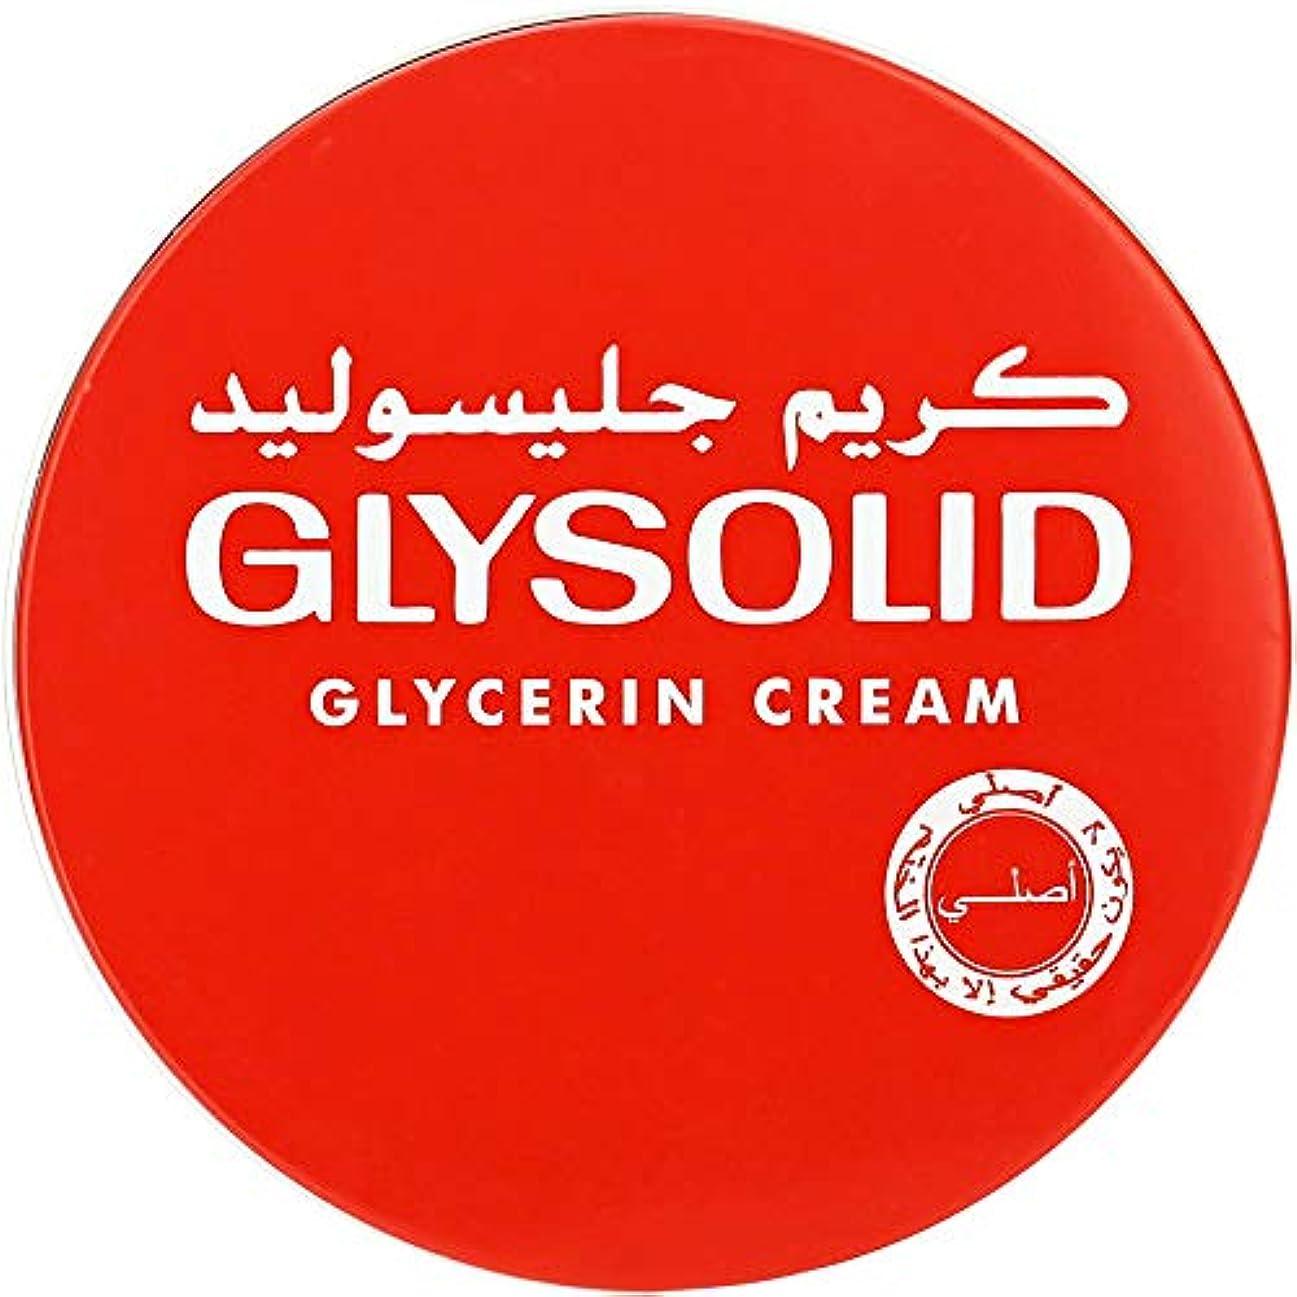 ハリウッドデータどれGlysolid Cream Face Moisturizers For Dry Skin Hands Feet Elbow Body Softening With Glycerin Keeping Your Skin...